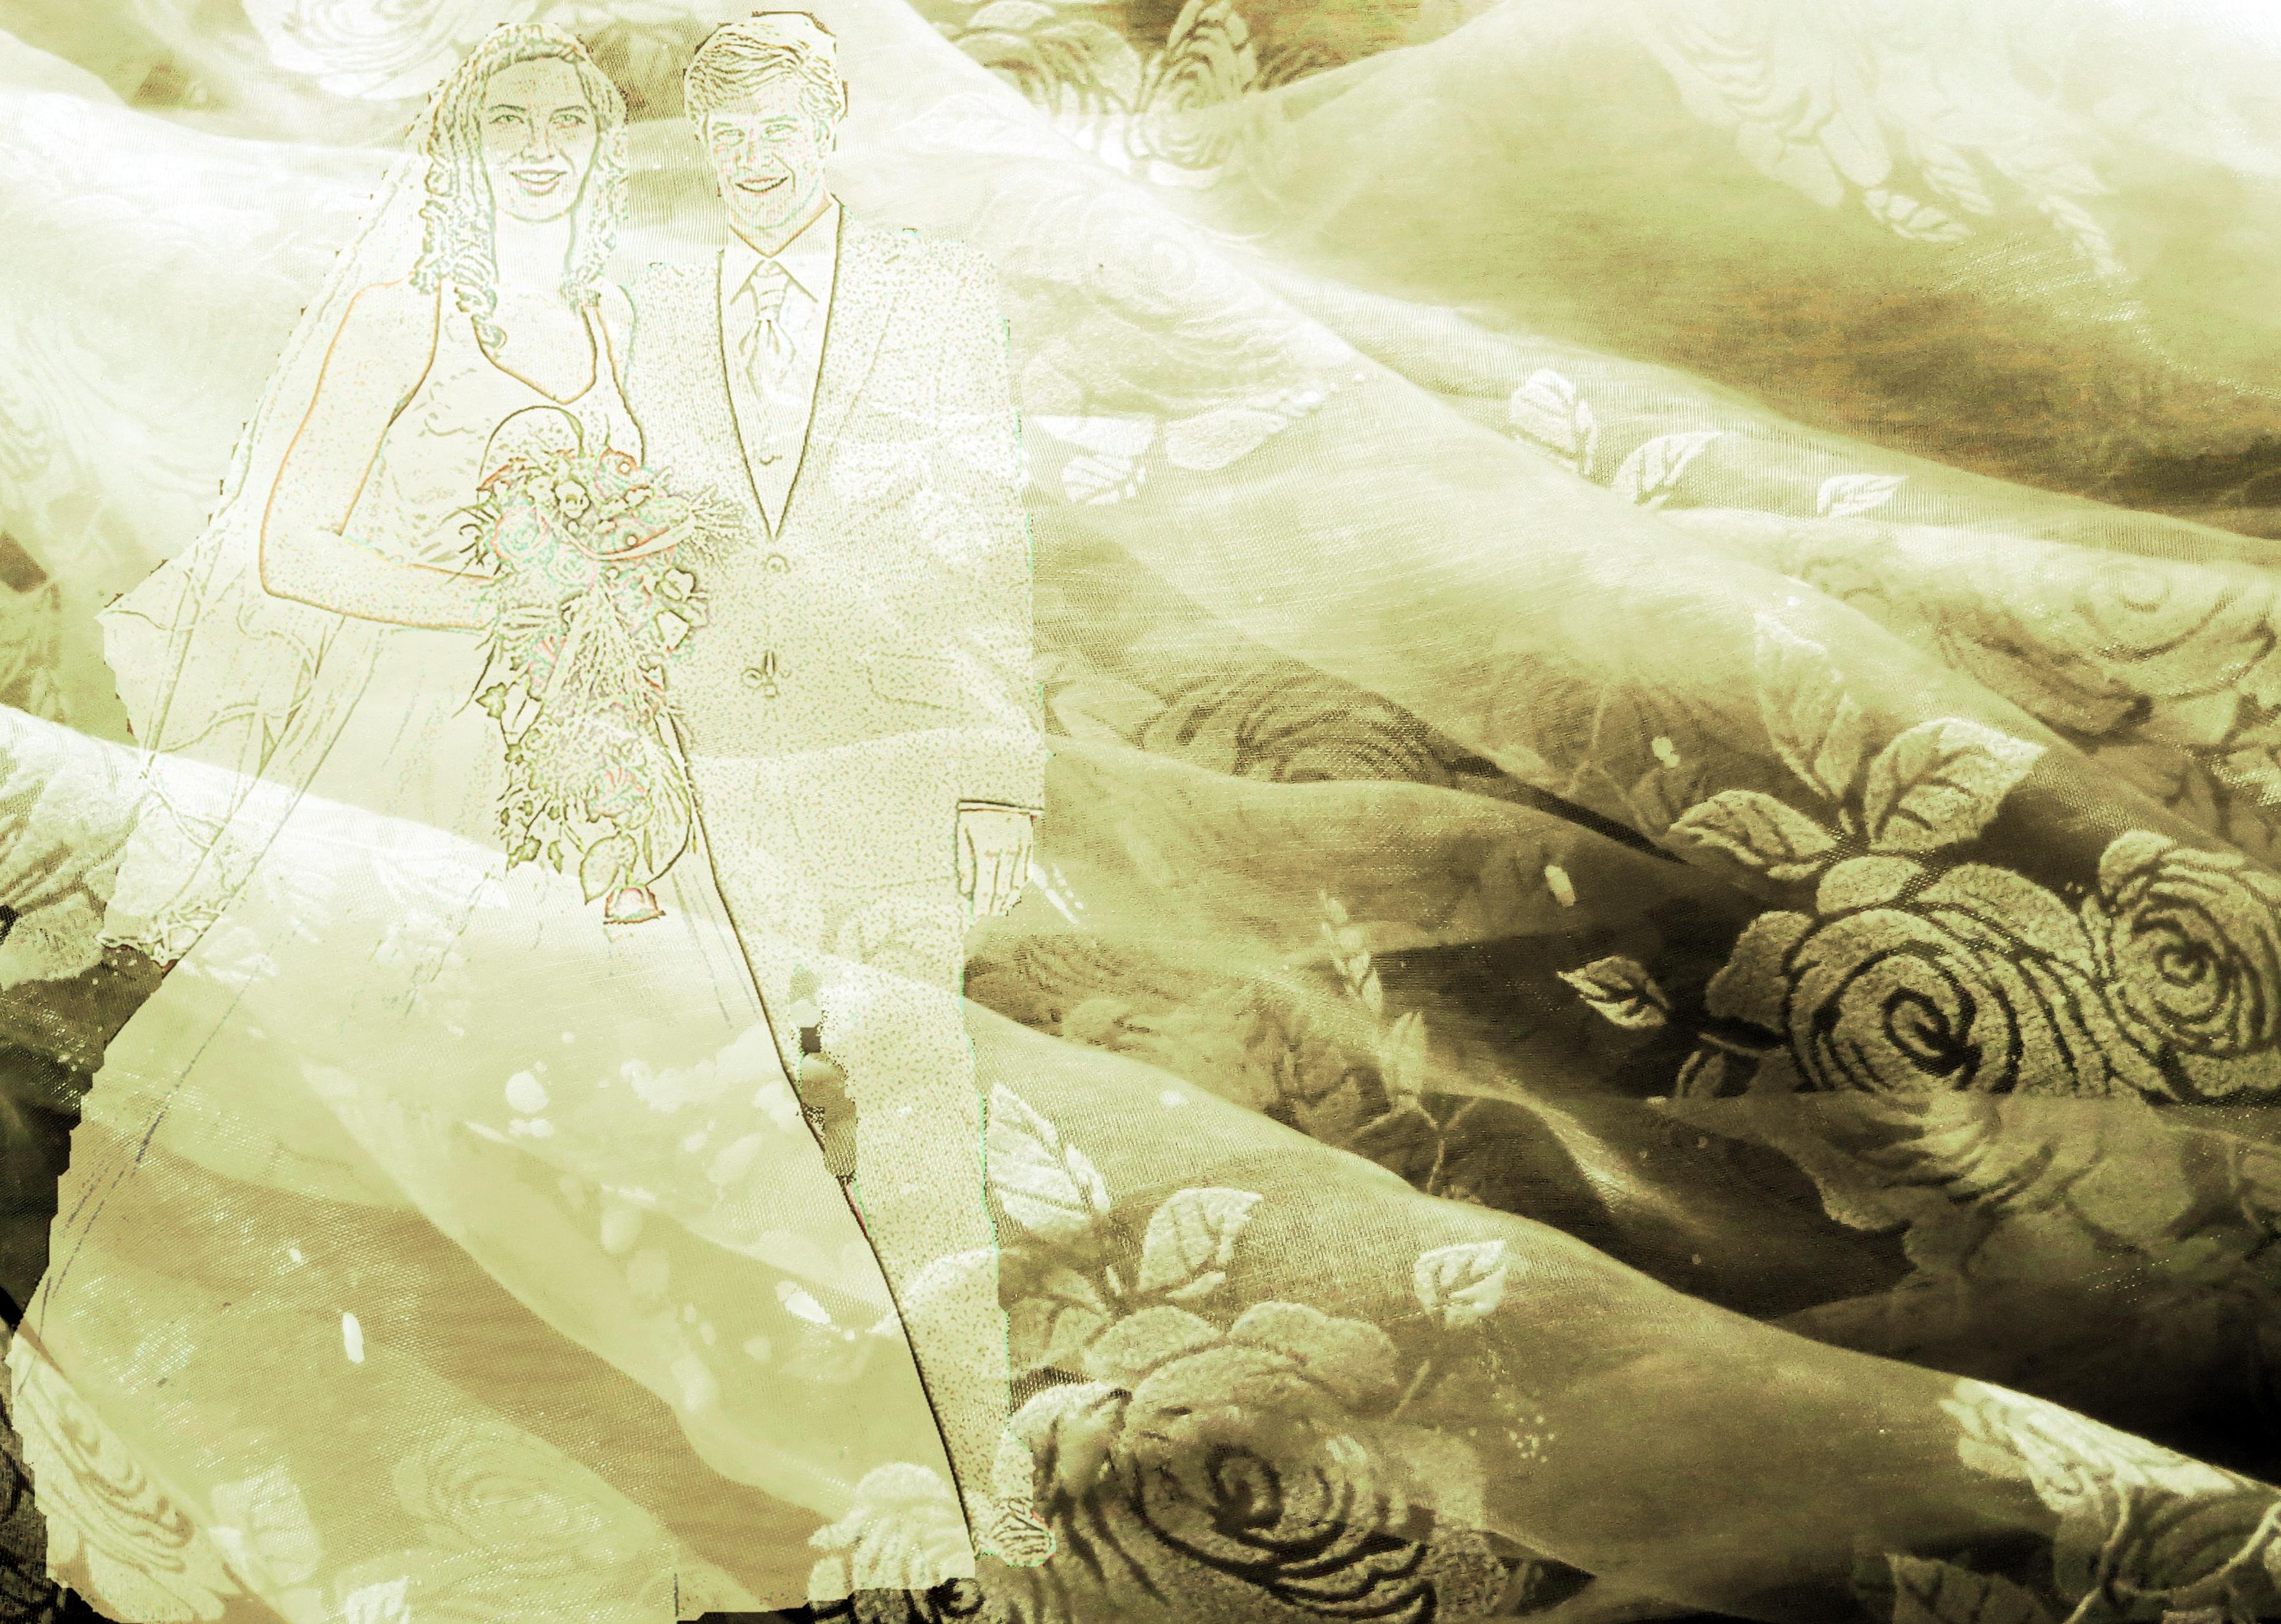 Gambar Putih Dekorasi Romantis Pernikahan Gaun